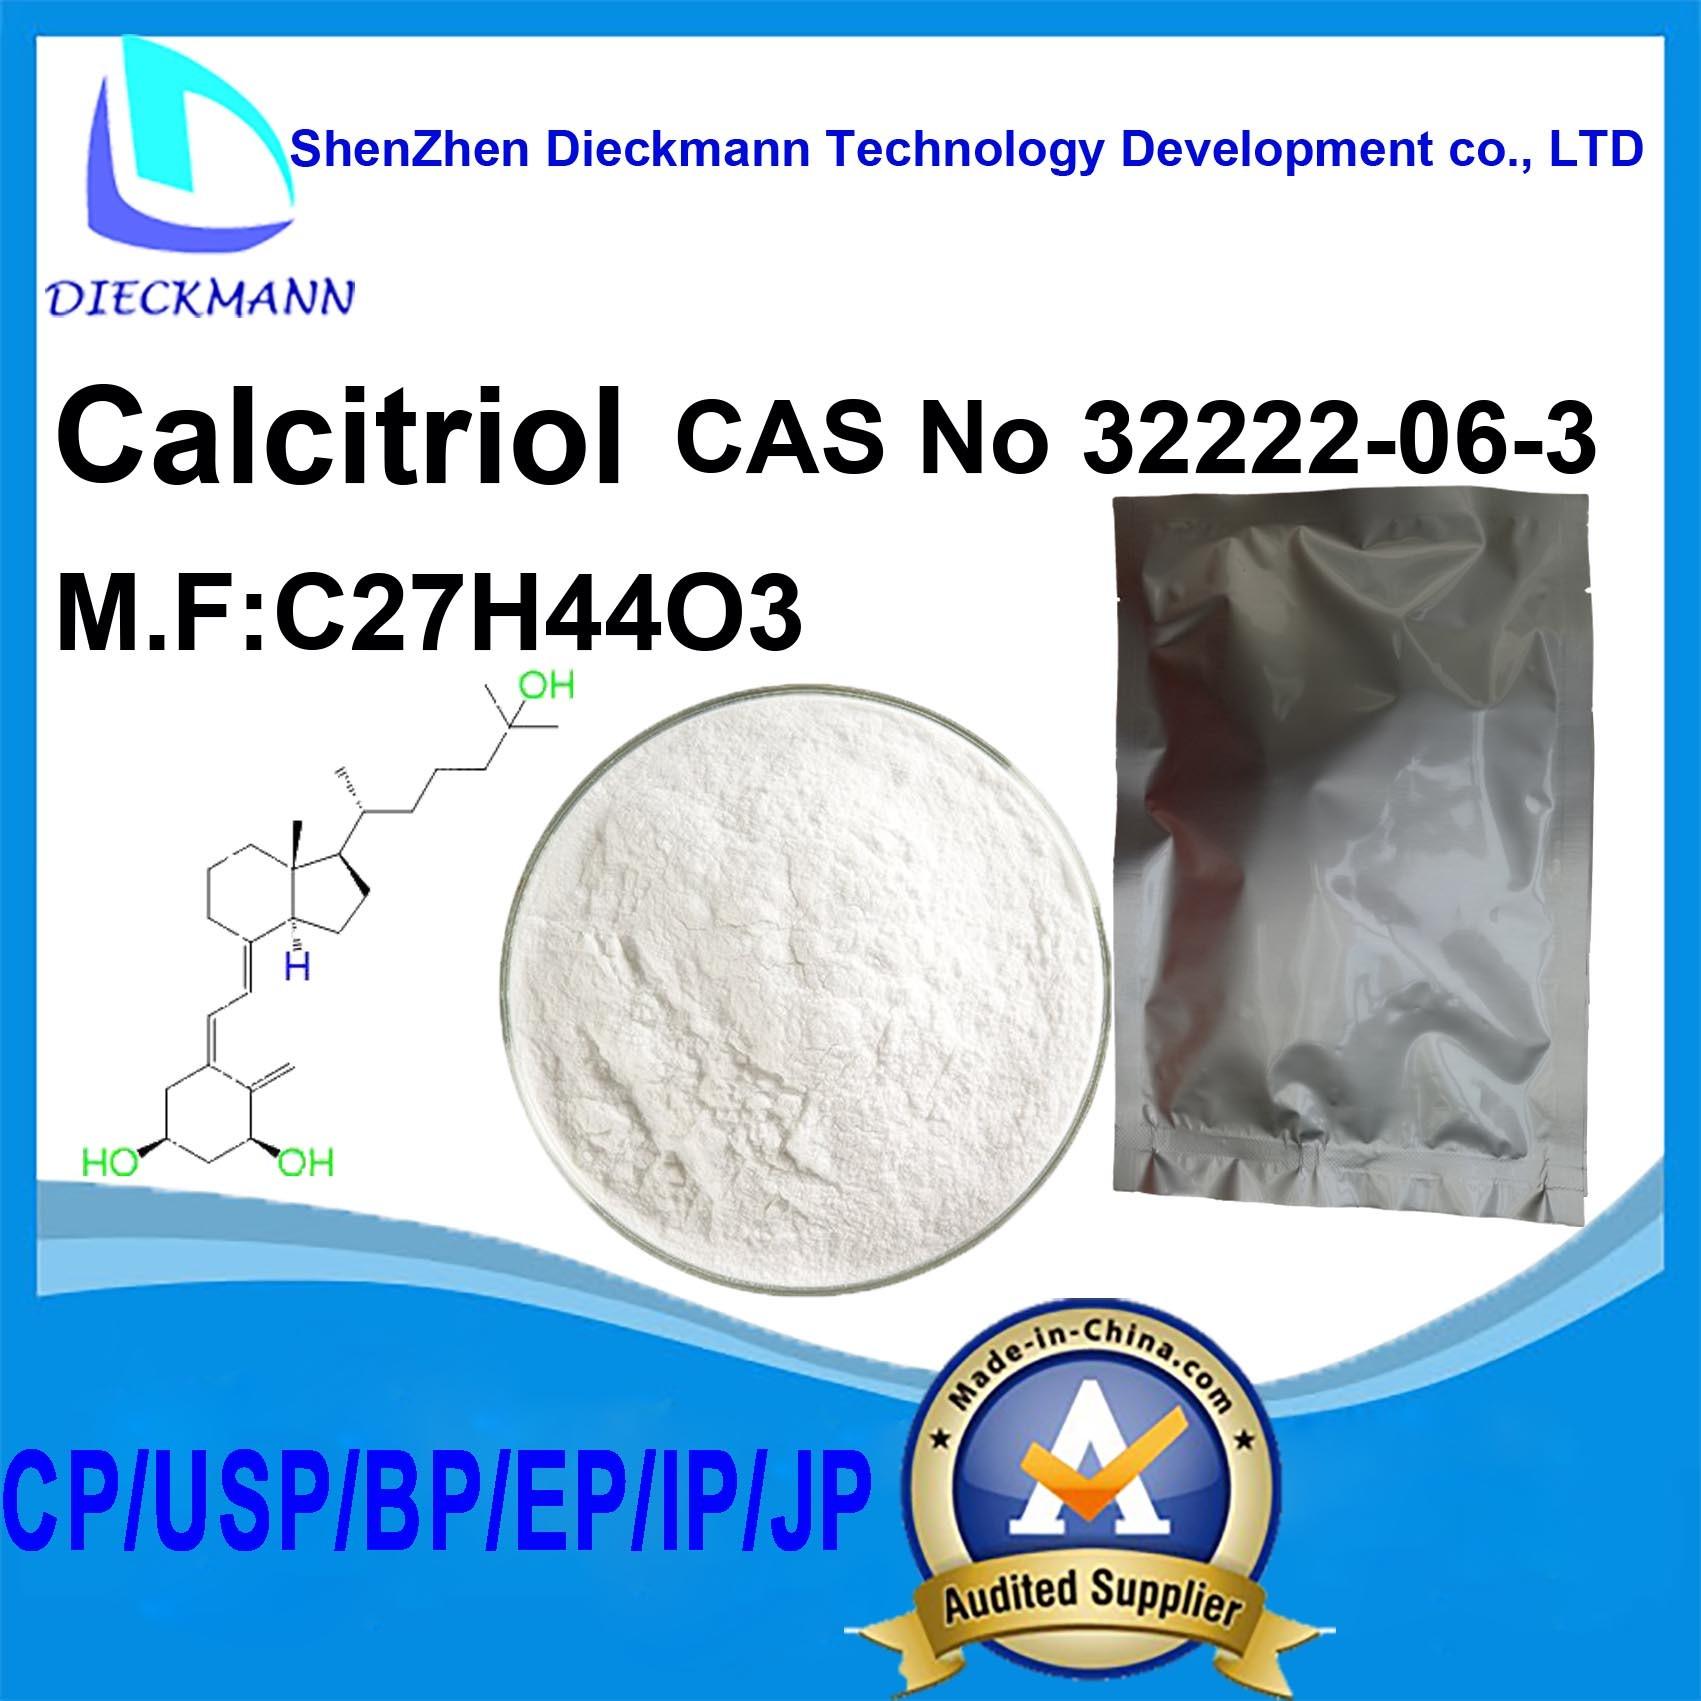 Calcitriol CAS No 32222-06-3